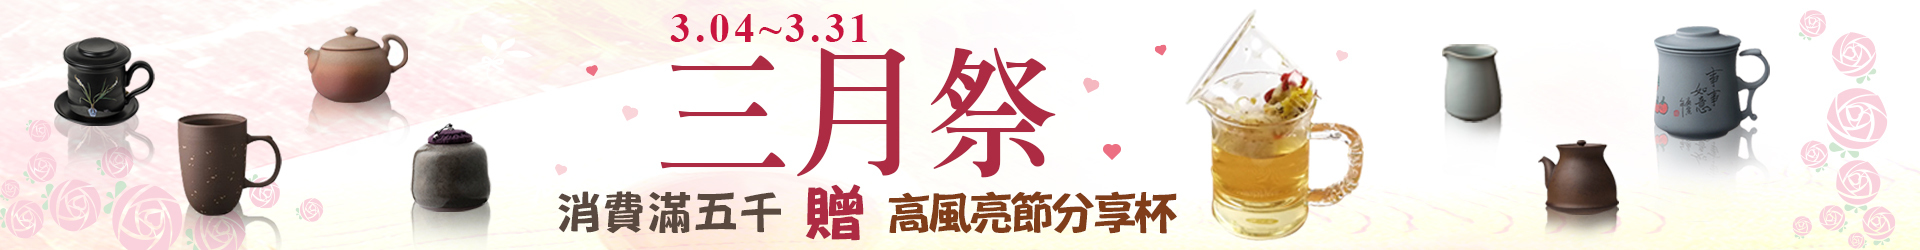 陶作坊/陶寶掏寶/折扣/專區/3月祭